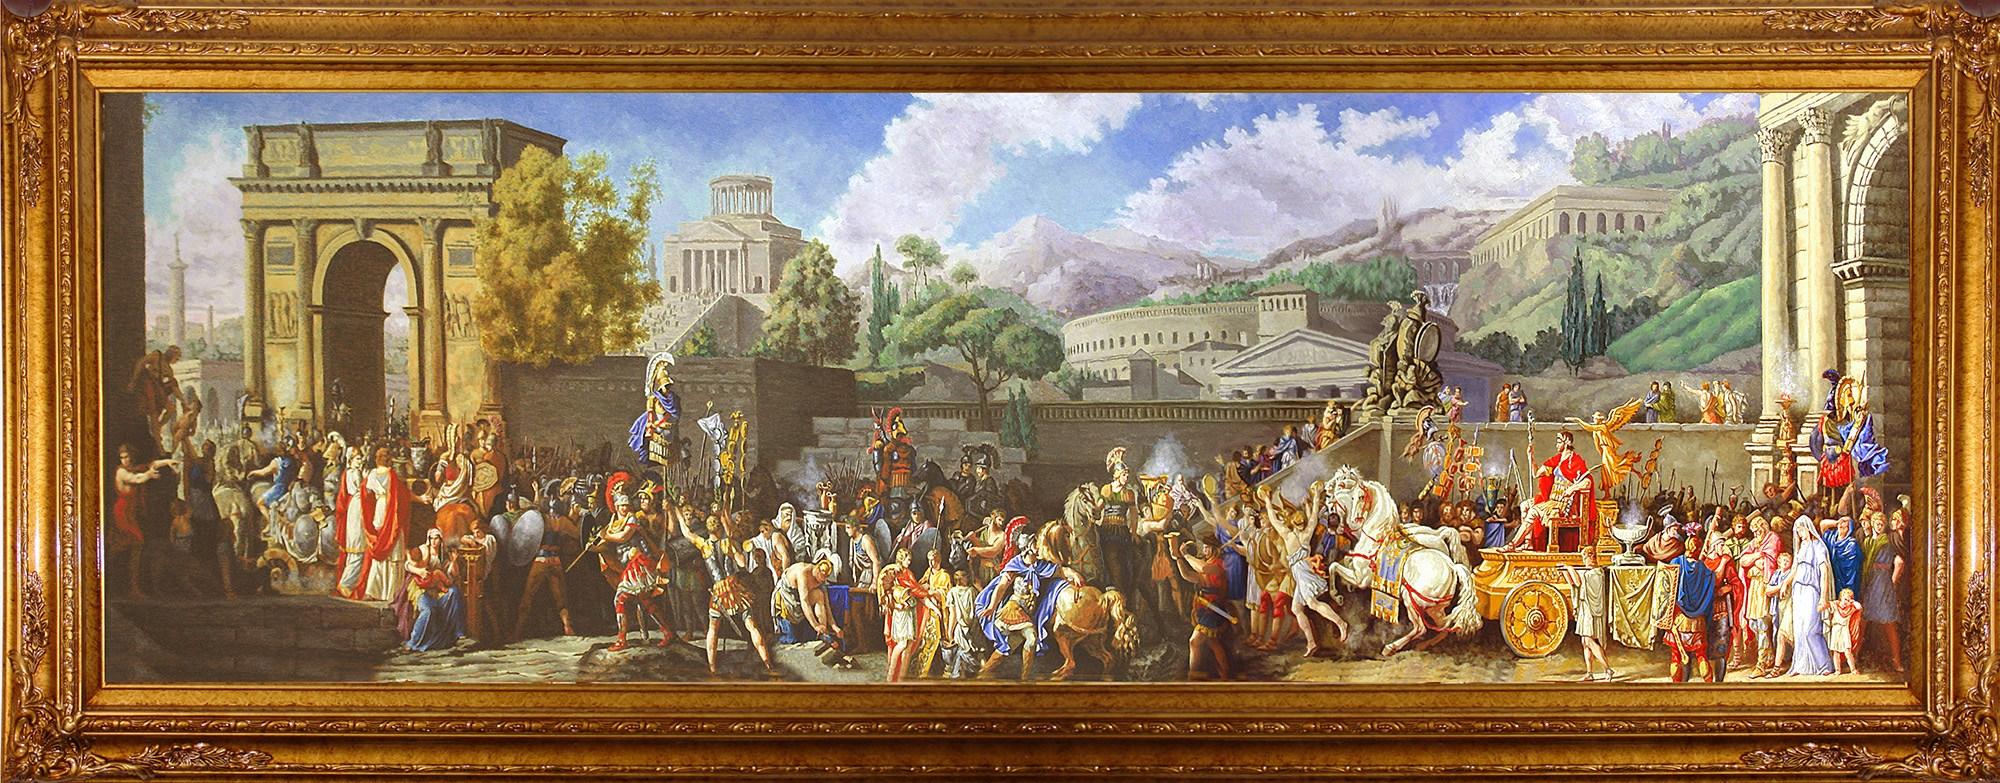 上图:古罗马凯旋仪式(拉丁语:triumphus)。凯旋仪式是古罗马授予获得重大胜利的将军的庆祝仪式,这是罗马人最大且最受欢迎的荣耀。凯旋仪式上的游行队伍一般都非常长,顺序是:元老院元老,号手,车载的战利品,用以献祭的白色公牛,被征服者首领的武器及徽章,被征服者首领及其亲属,其他战俘,凯旋者的扈从,站在战车上的凯旋者本人,凯旋者的已成年儿子及副官、军团长、军事保民官、骑兵队长等,凯旋者的士兵。